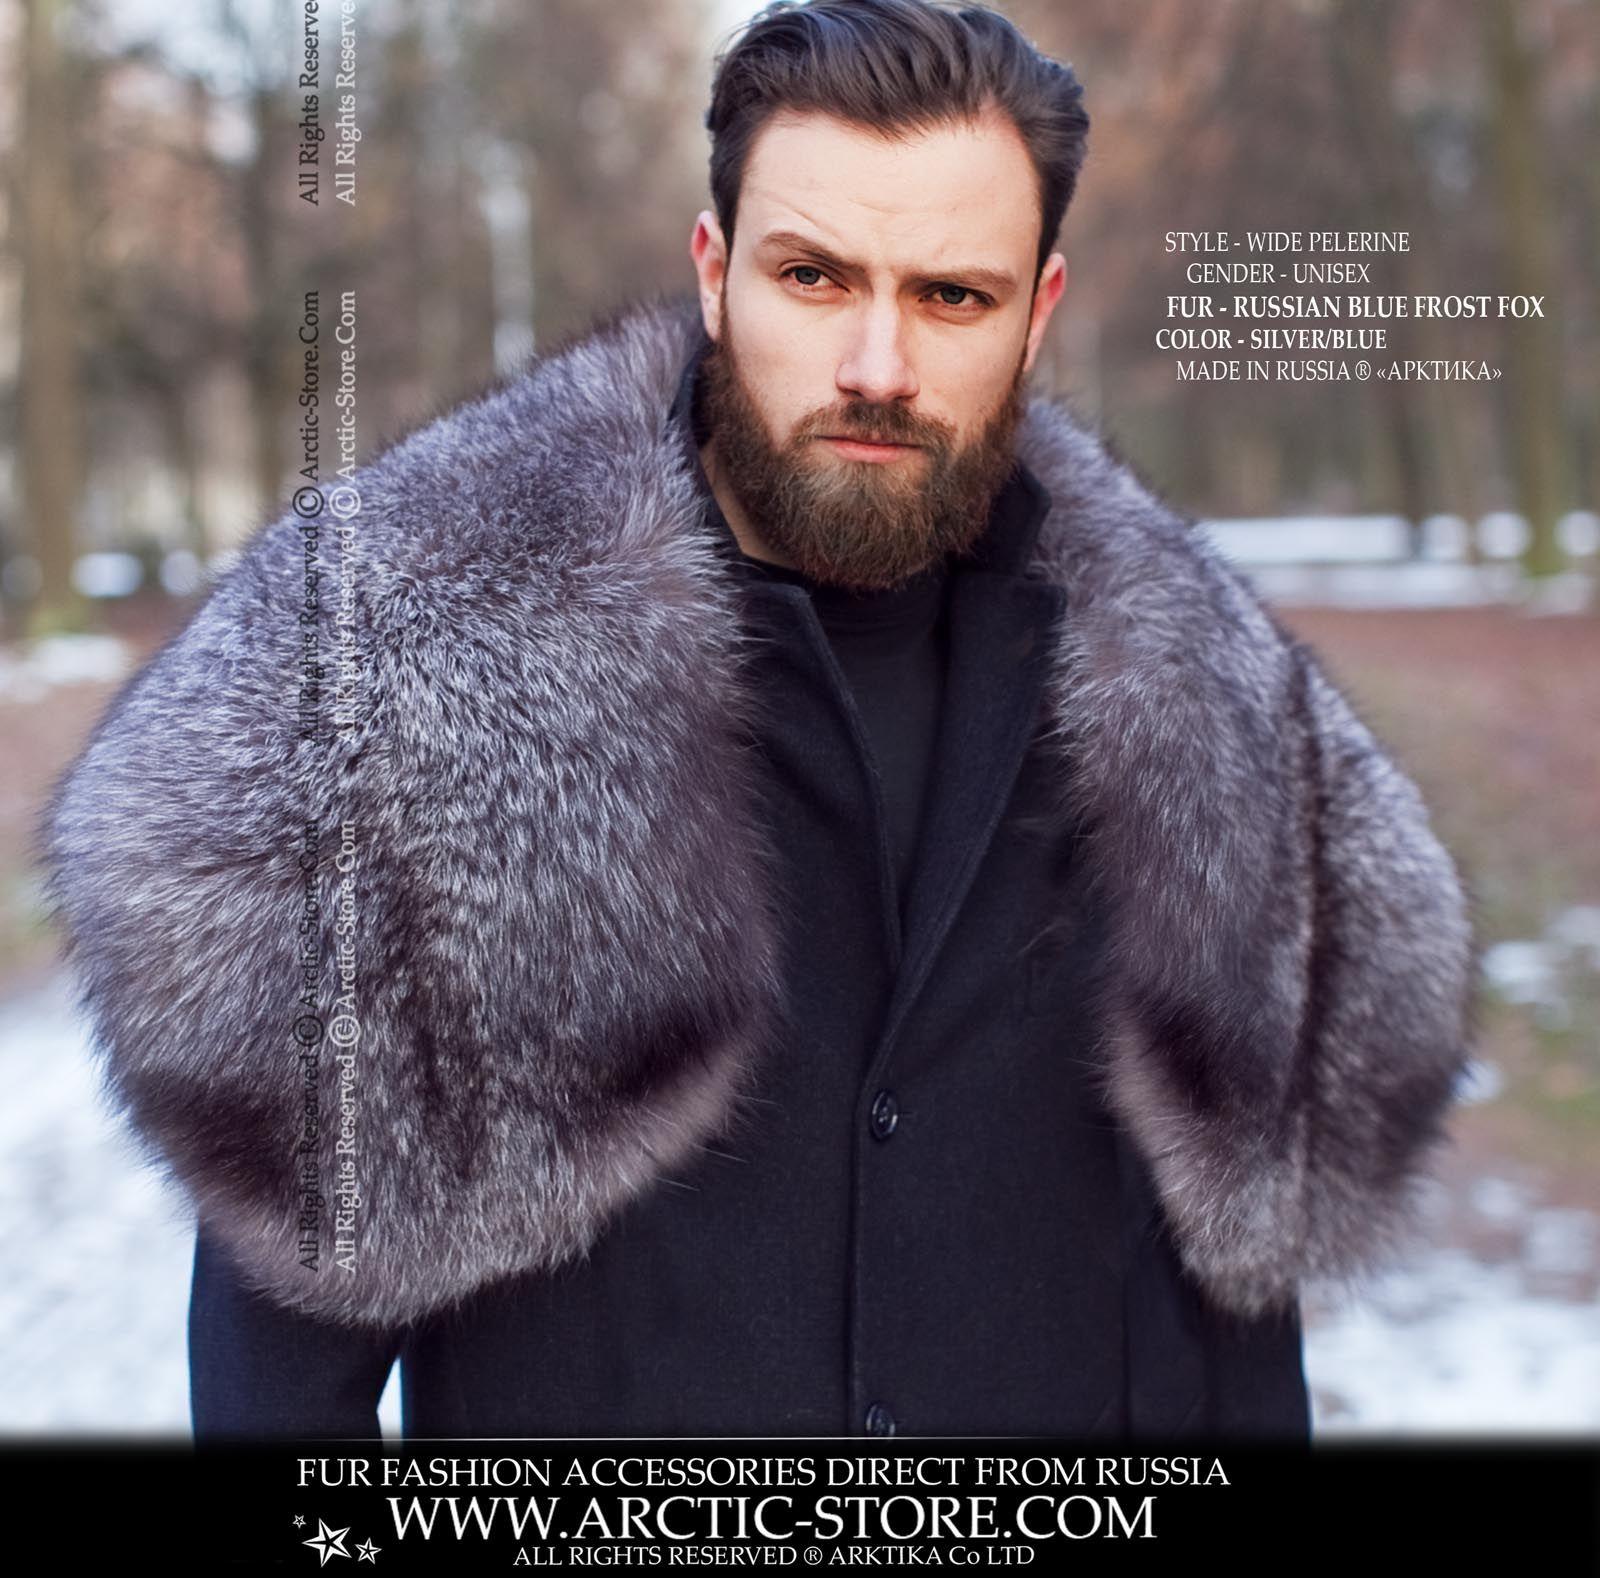 503e0c42c865a Men's wide pelerine, Blue Frost fox in 2019   Men's fur fashion ...